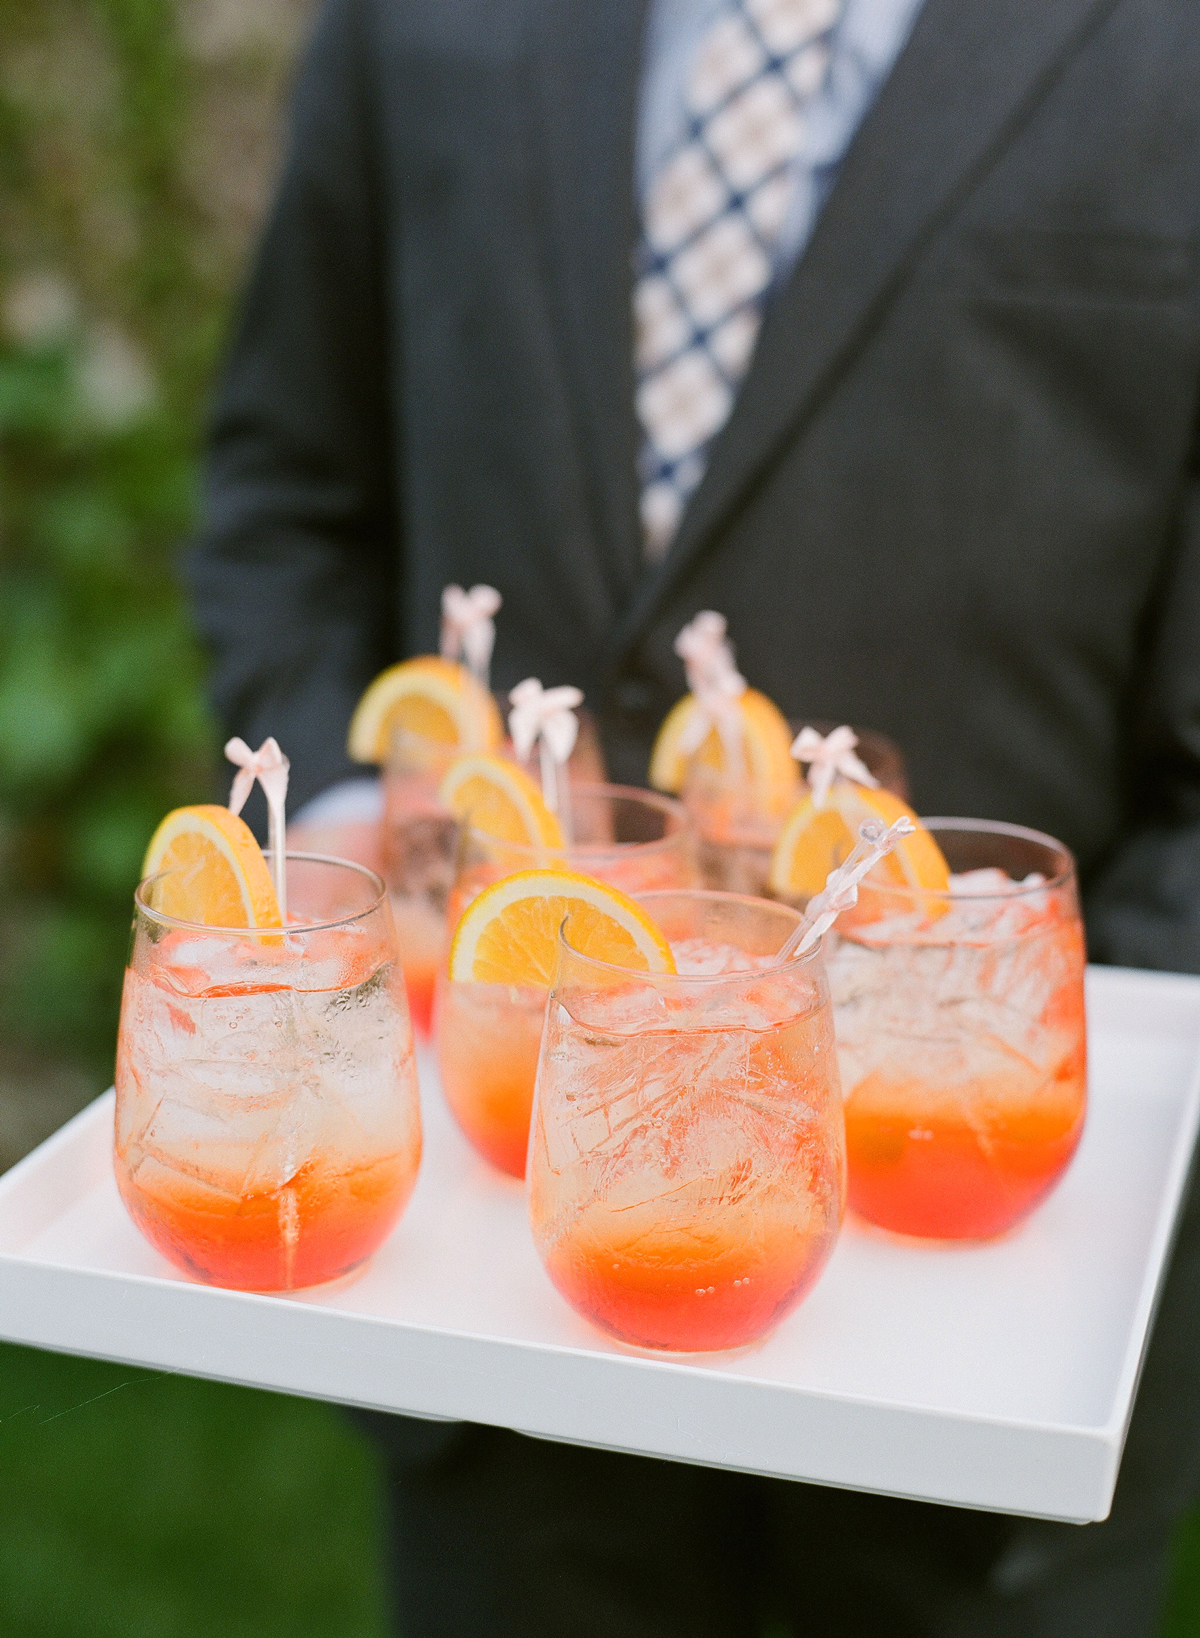 colleen stephen newport wedding orange cocktails